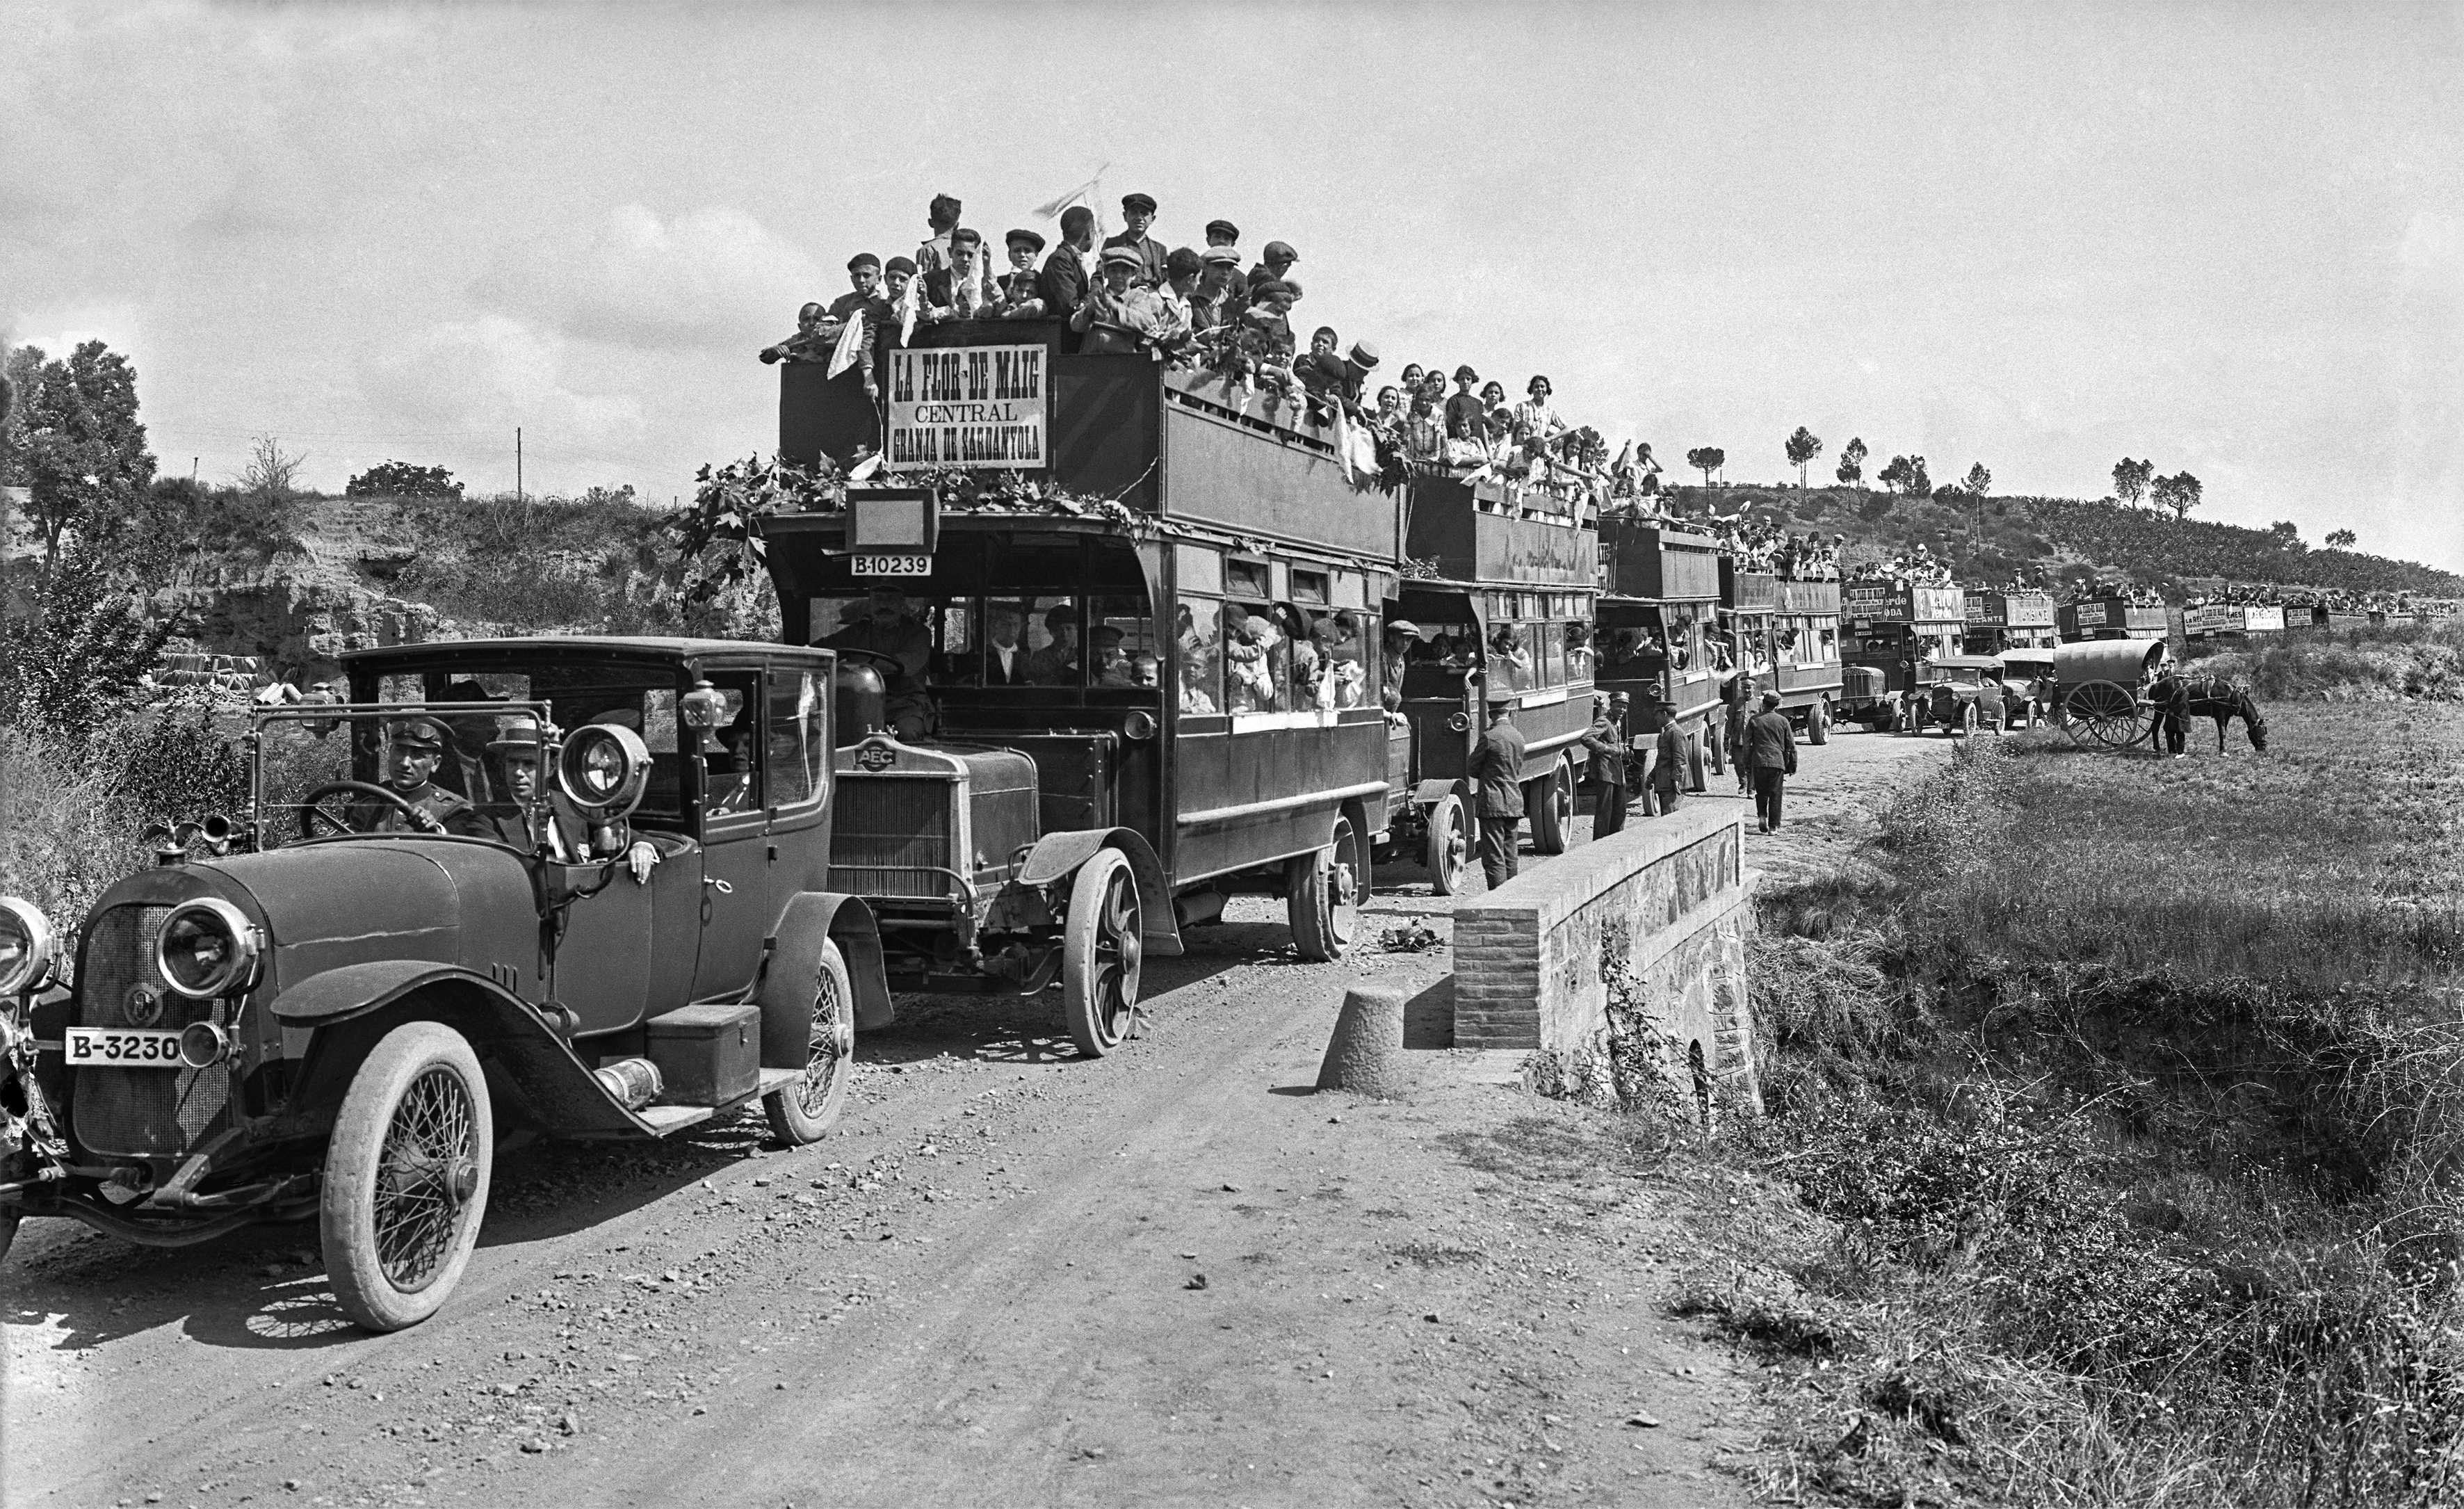 Comboi massiu en motiu de la III Diada Internacional de la Cooperació de 1925.